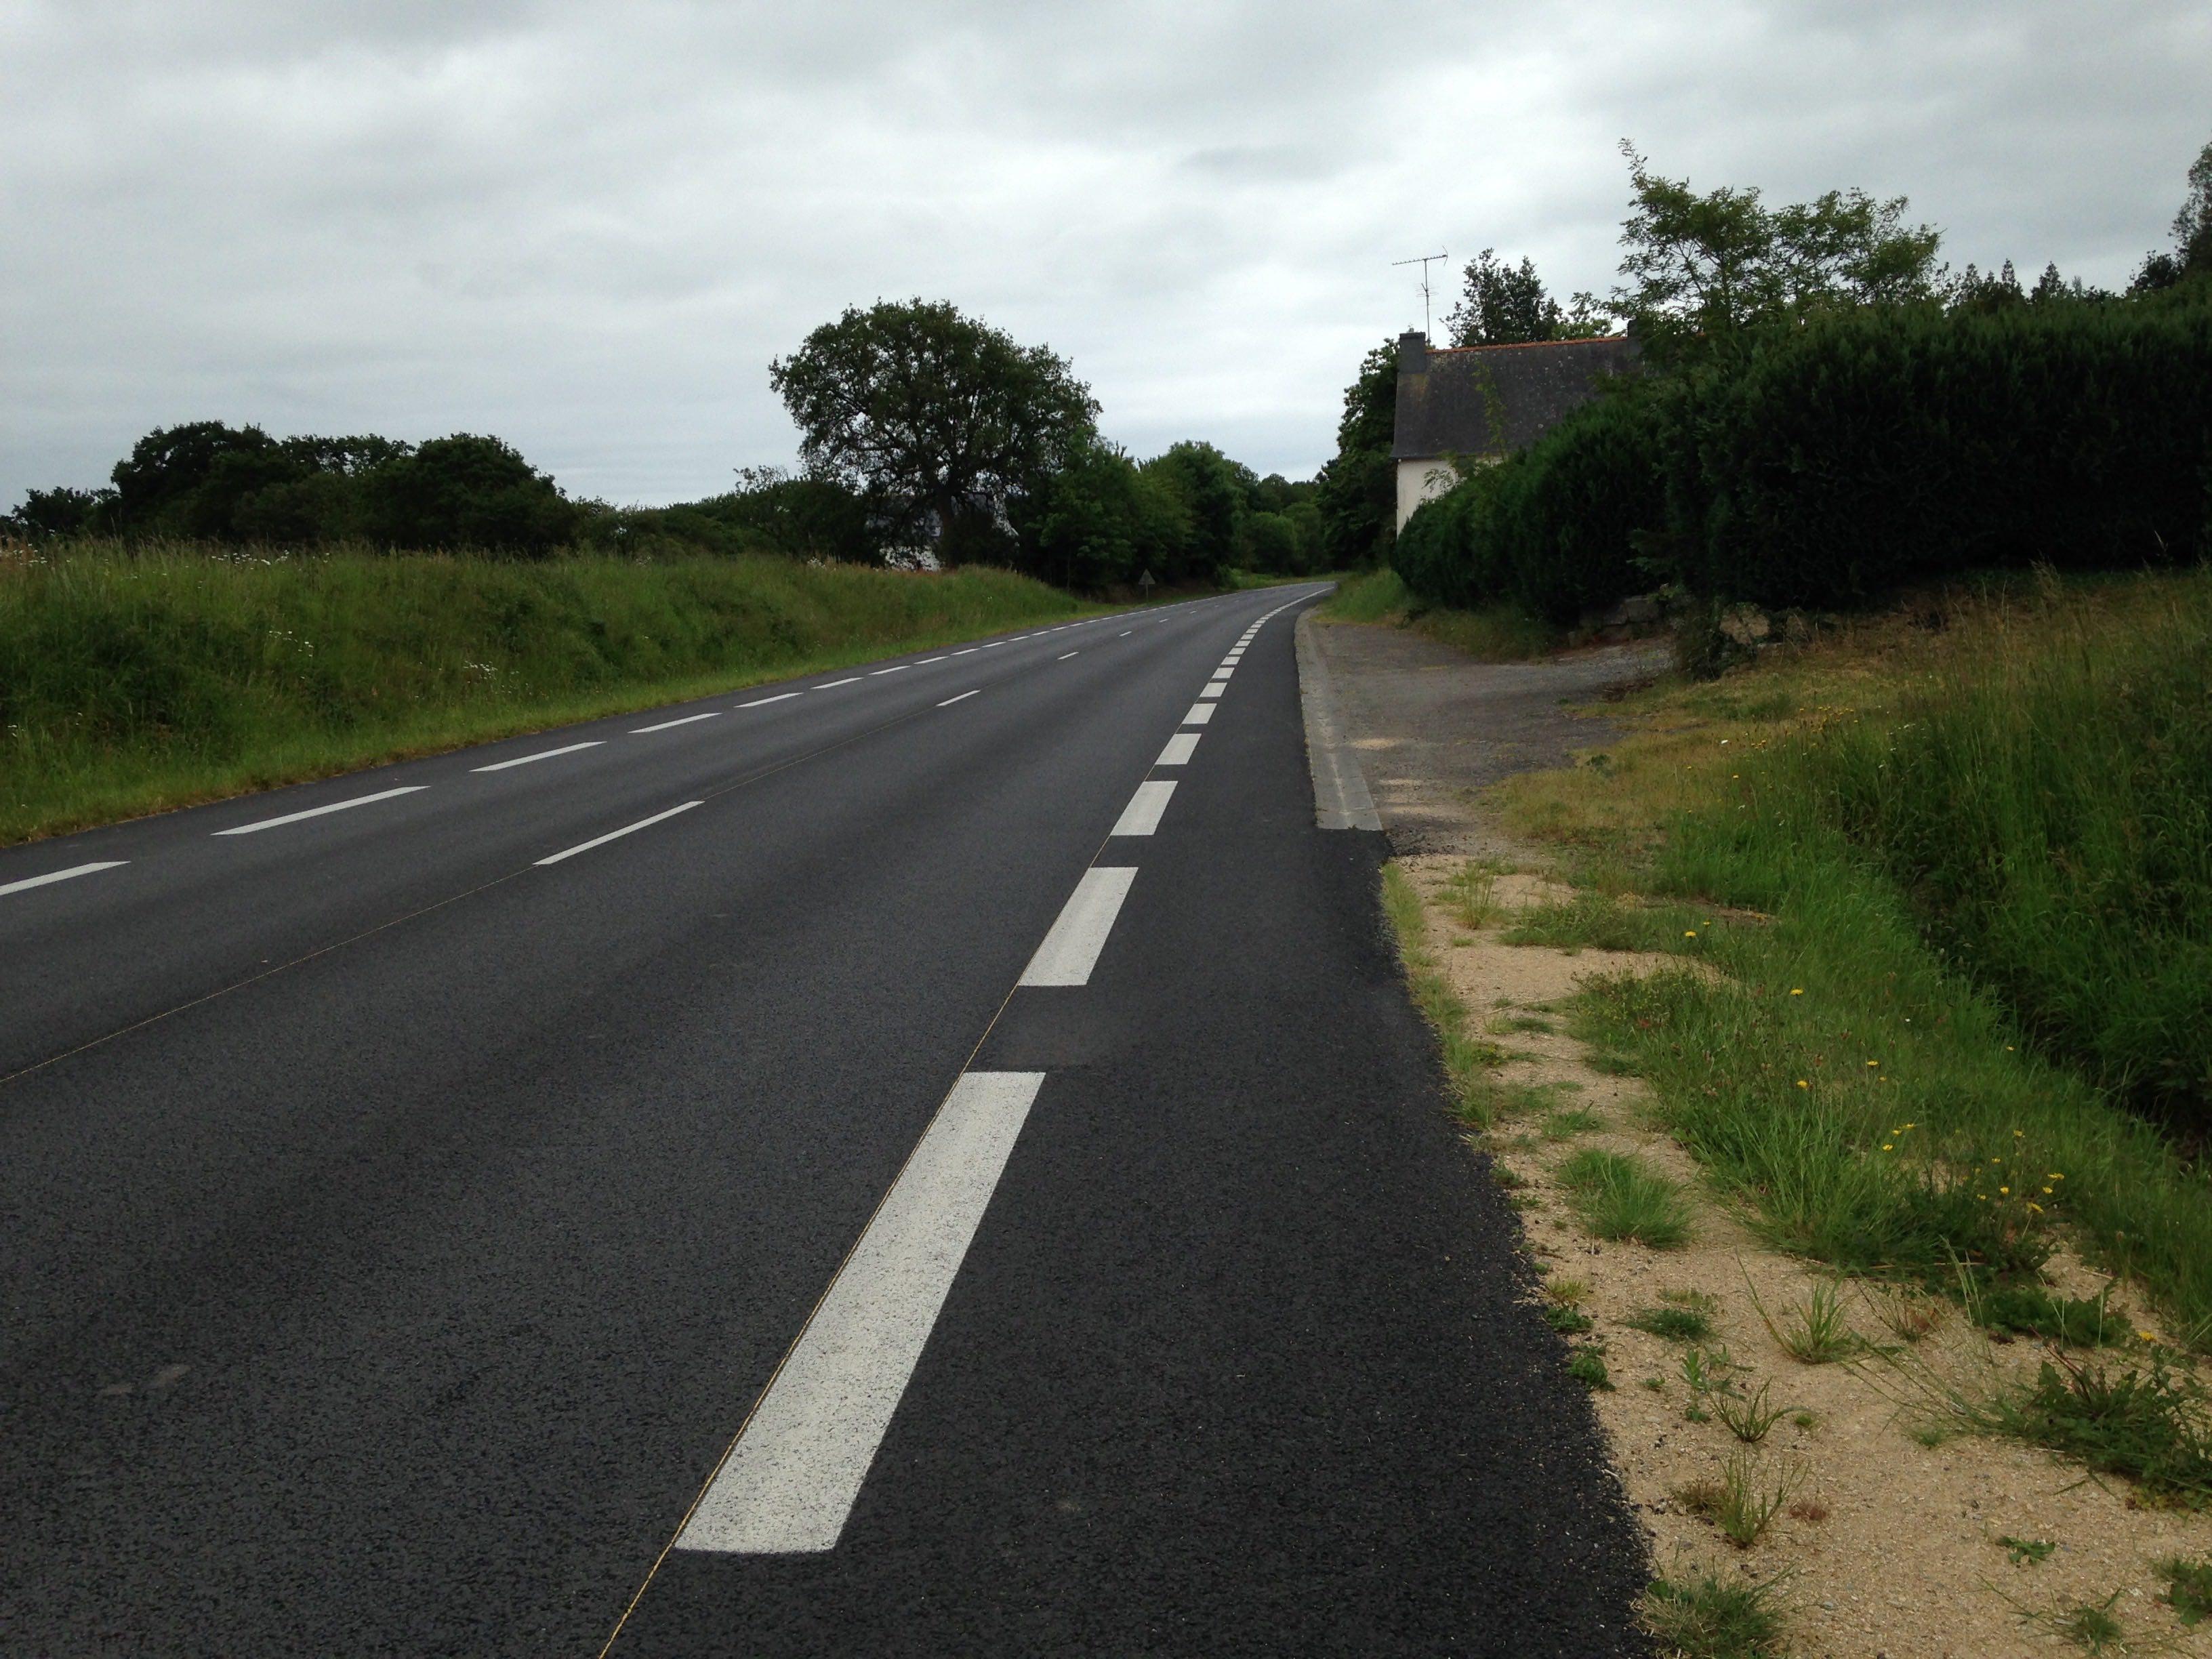 D1 de Trégunc à Pointe de Trévignon